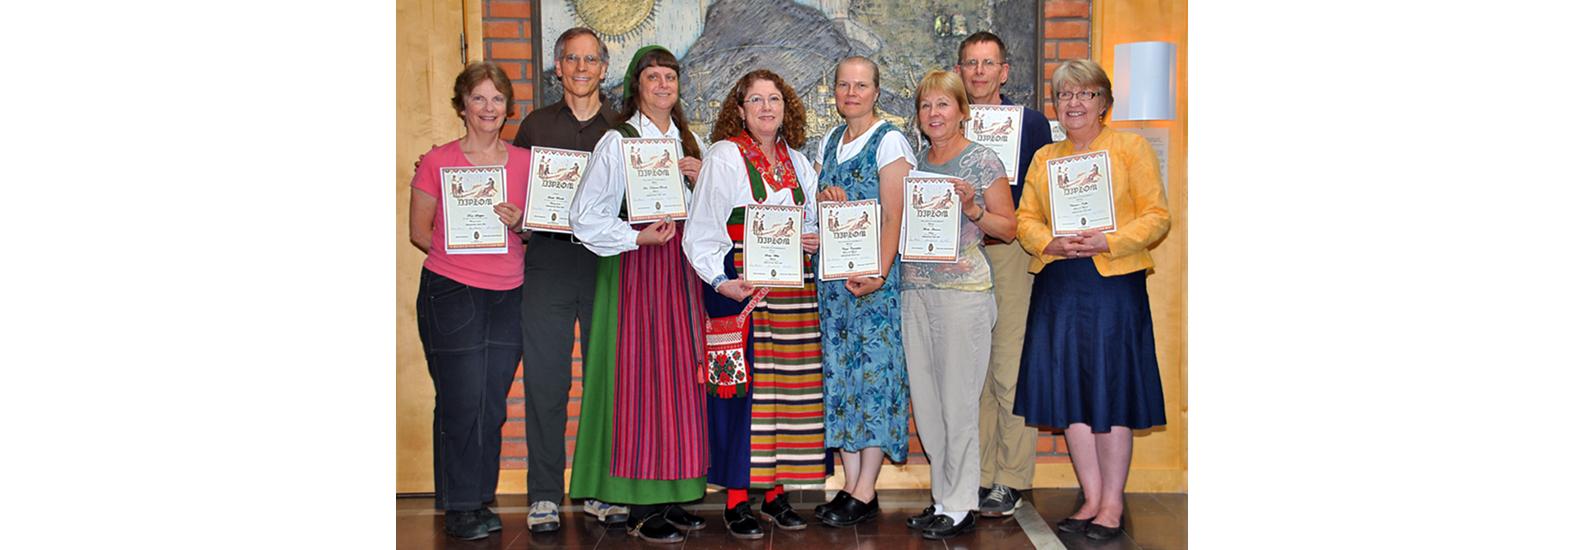 Scandia DC Uppdansning Participants: Östersund, Sweden - August 2010